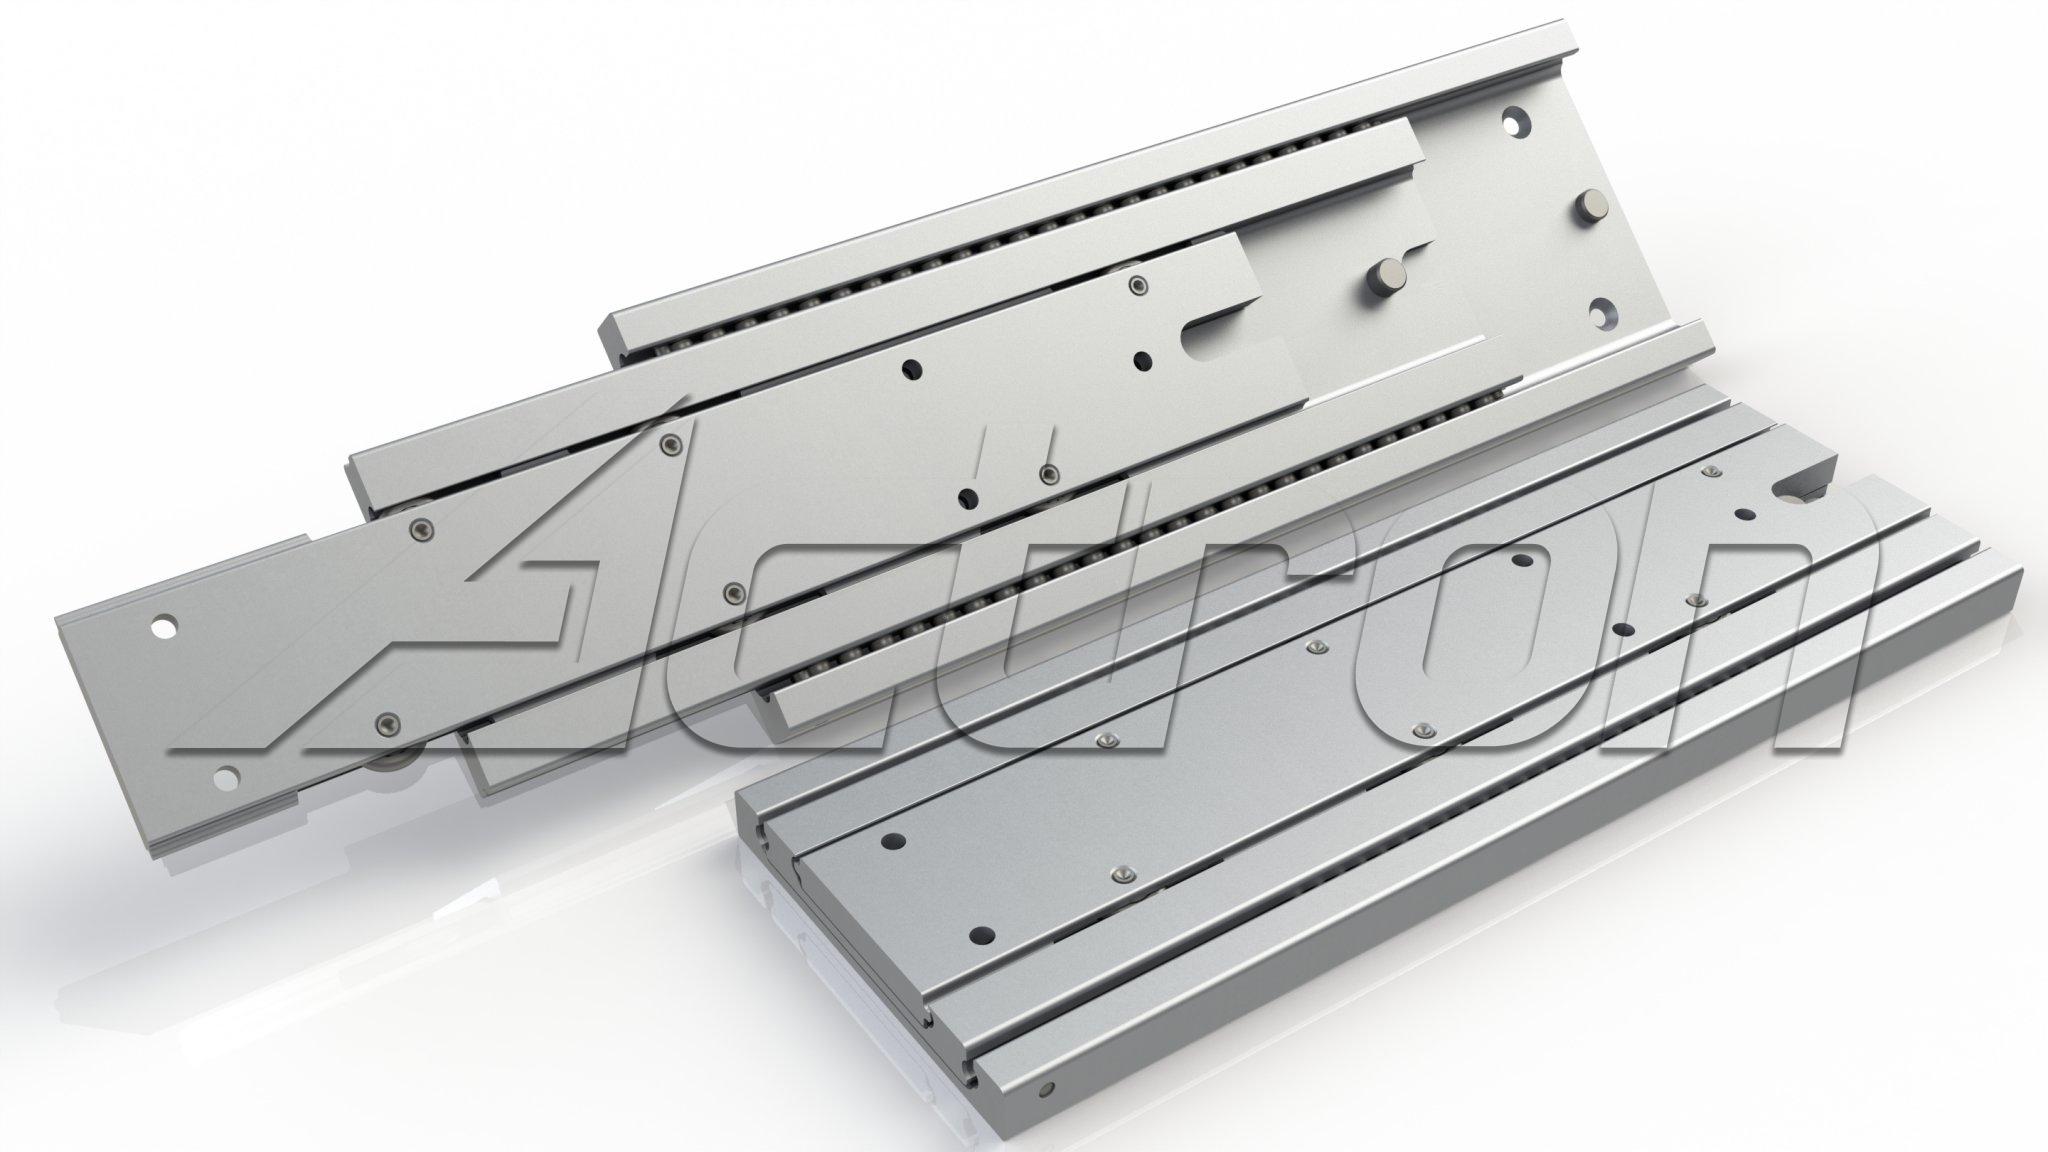 slide-assy-8211-aluminum-50-8243-x-3-50-8243-4942-a5750.jpg